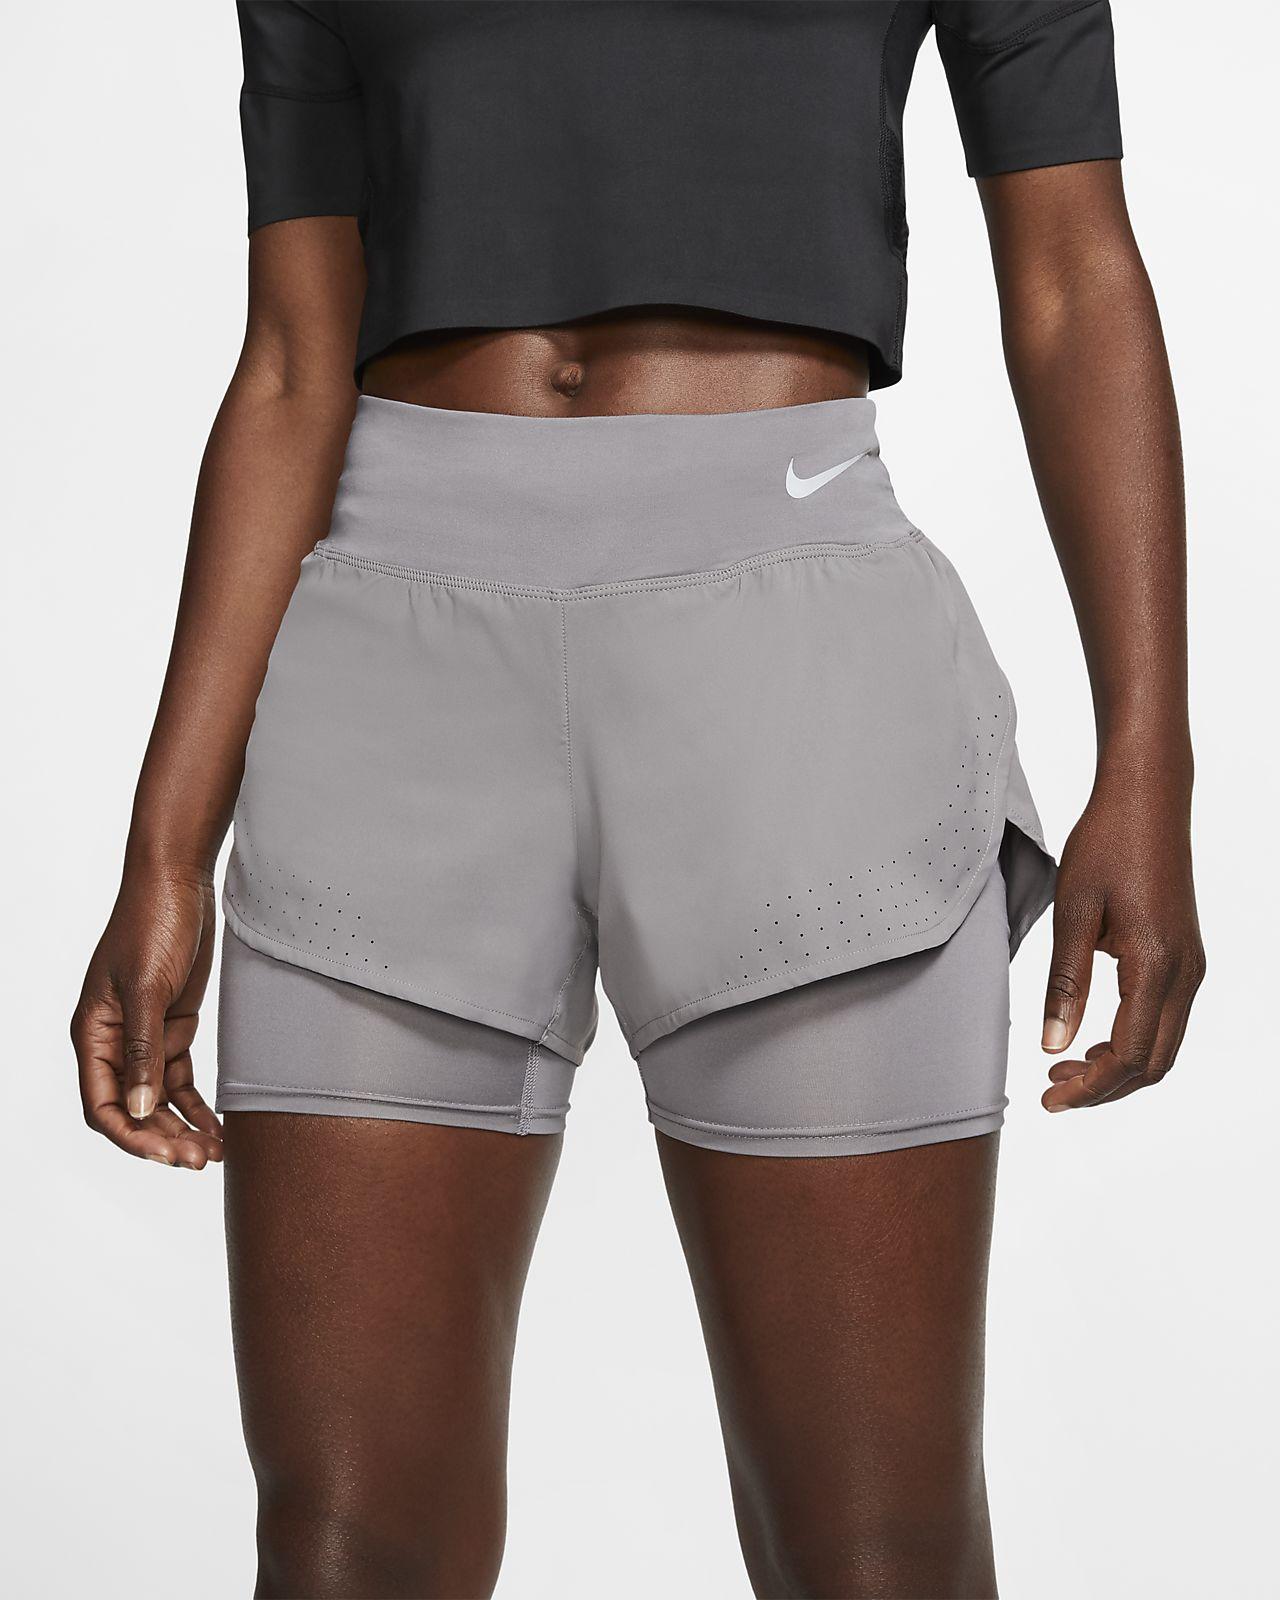 Damskie spodenki do biegania 2 w 1 Nike Eclipse